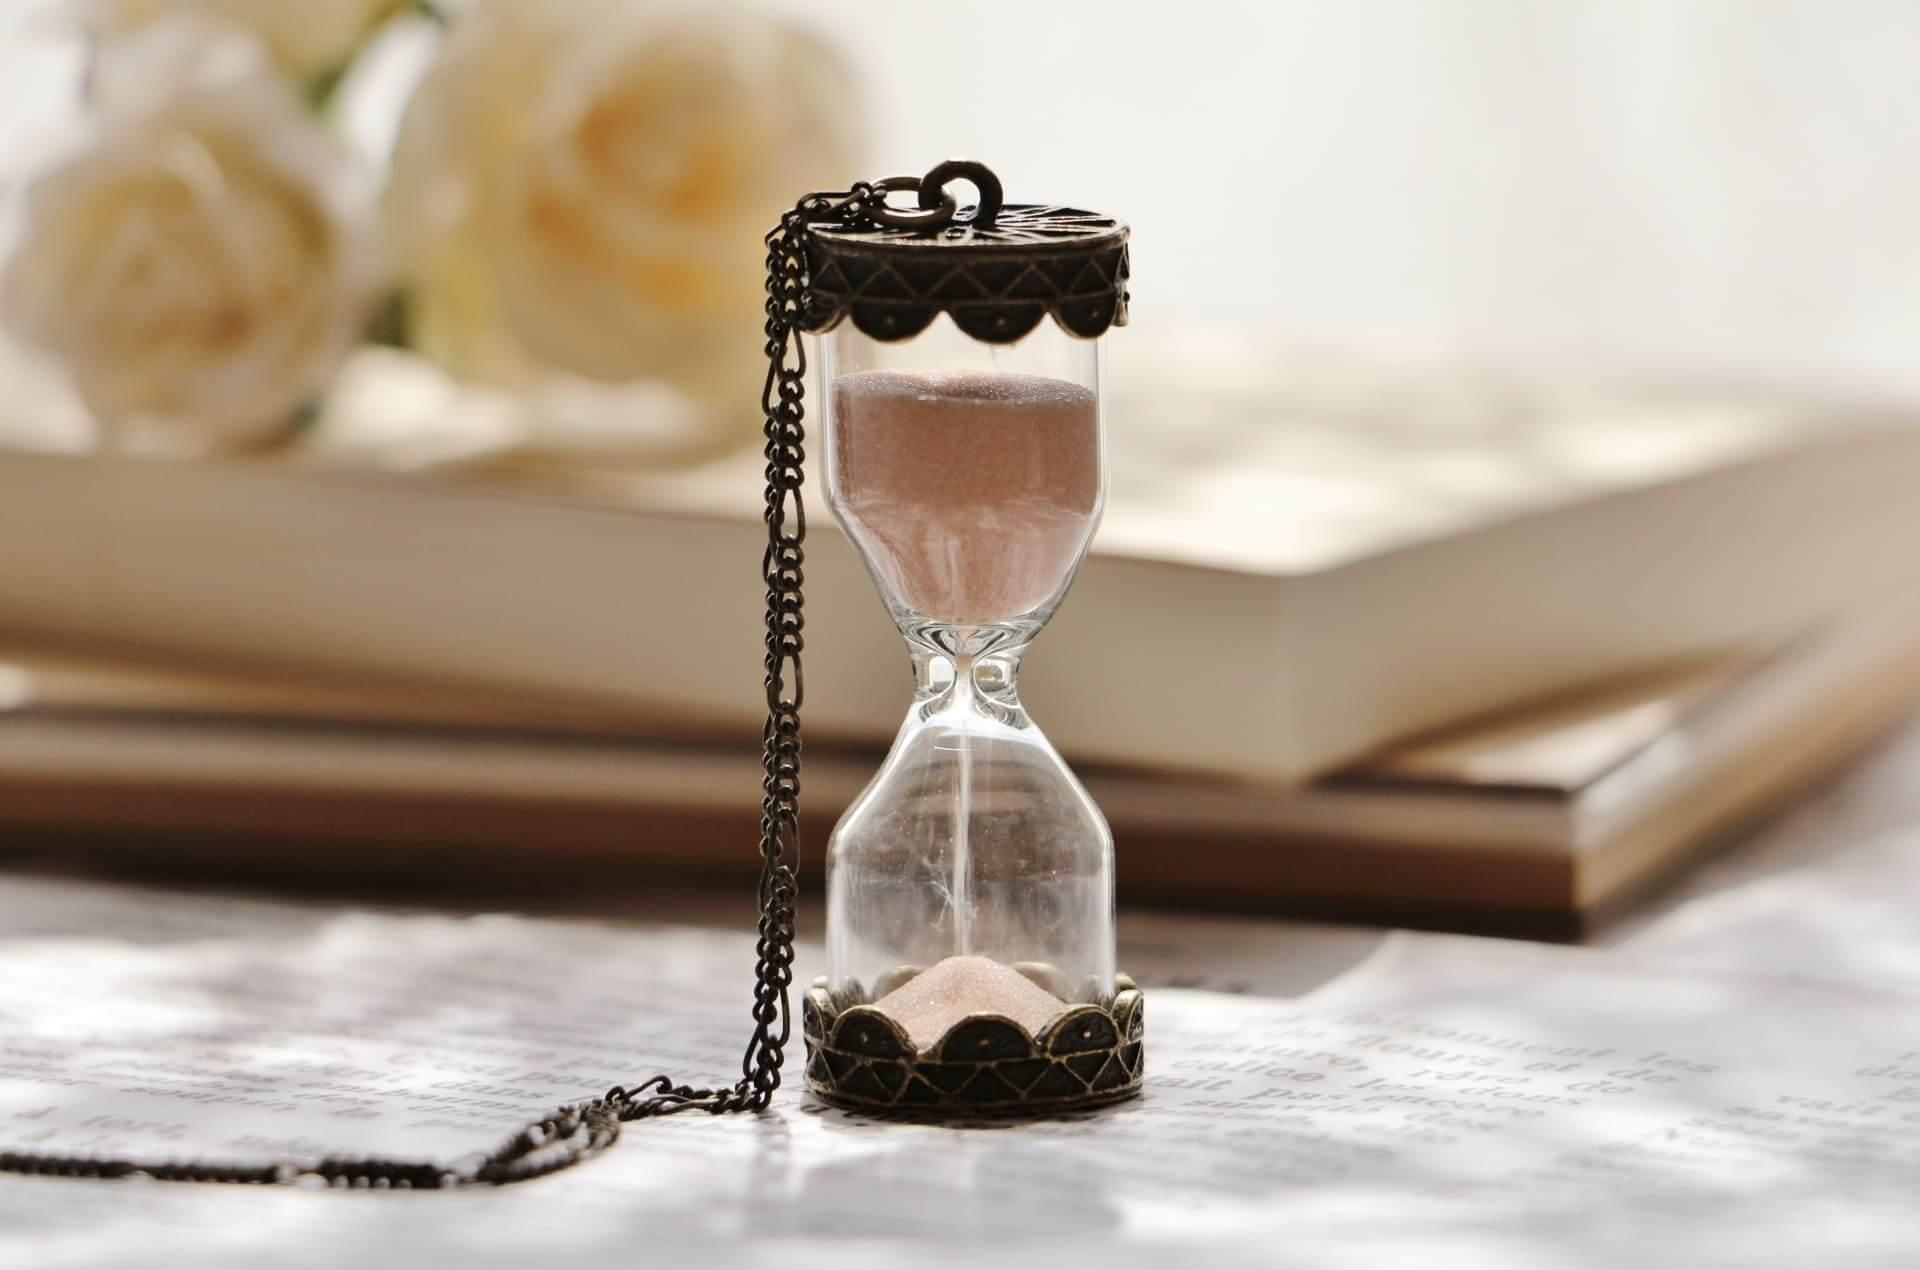 恋の転機はX月X日◆相手が恋の一歩を踏み出さない理由、転機後の変化